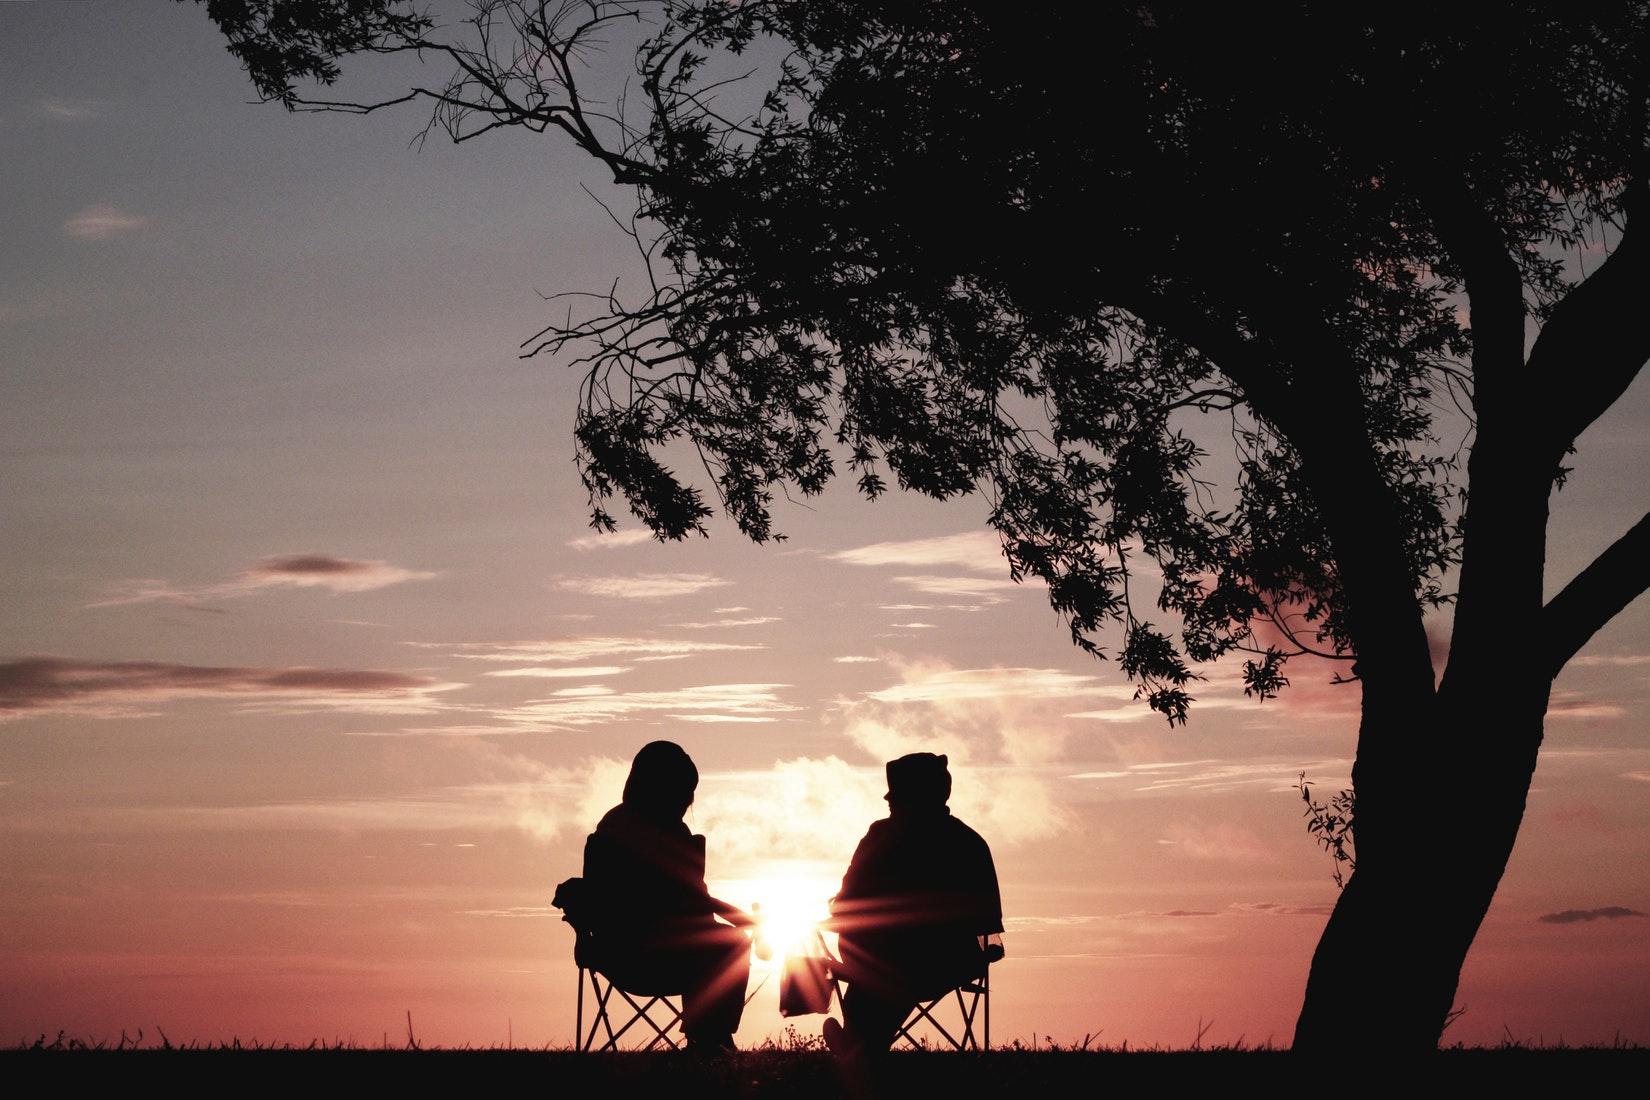 Se declara válida cualquier forma capaz de acreditar de manera inequívoca la relación que da derecho al reconocimiento de la pensión